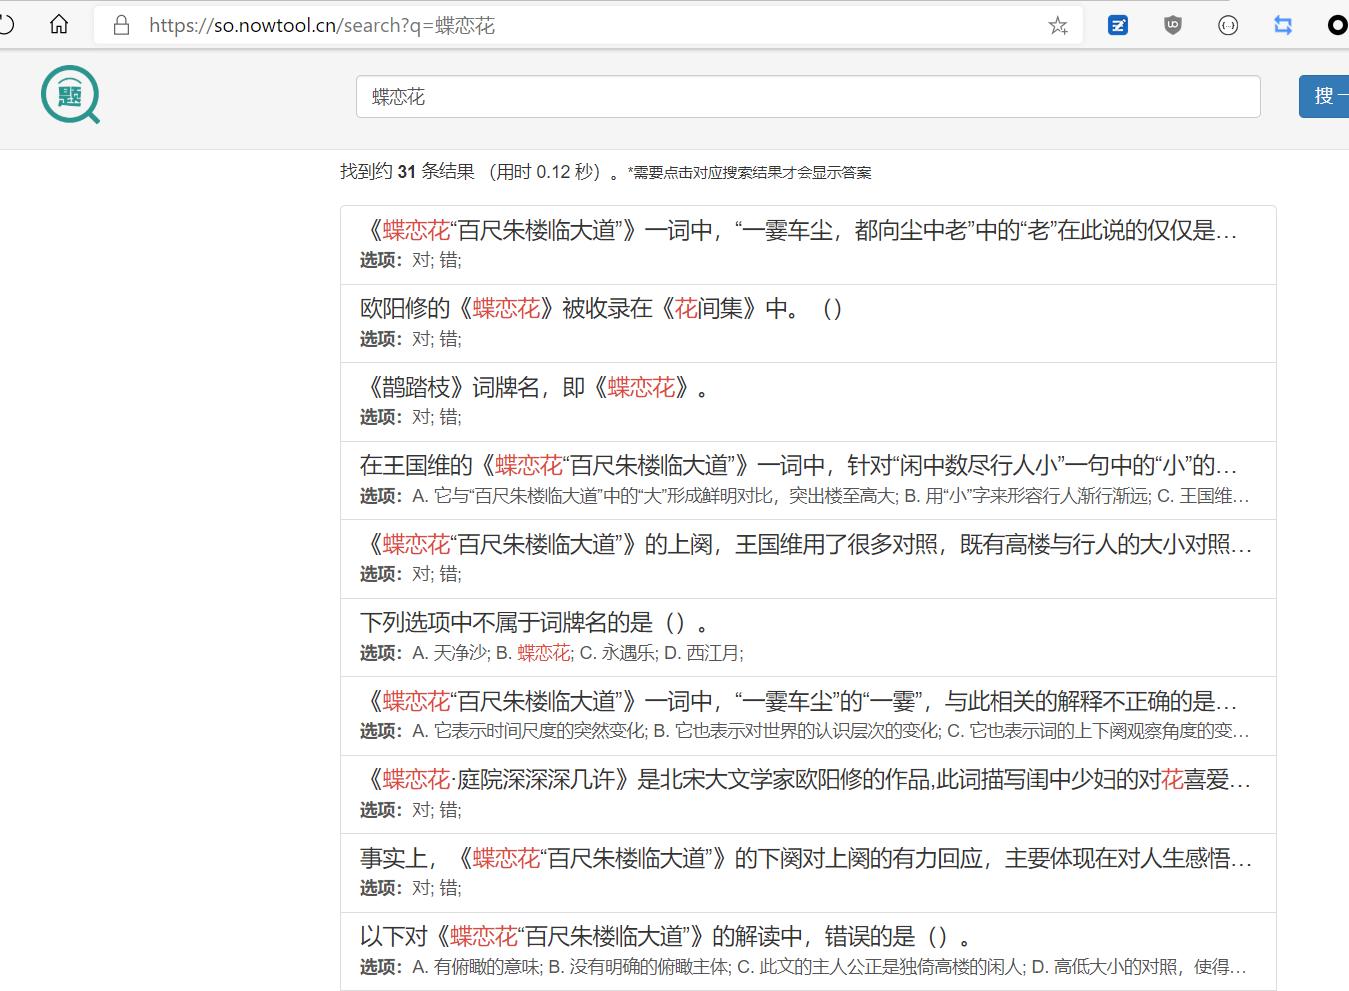 蝶恋花 搜索结果 —— 搜题库 so.NowTool.cn